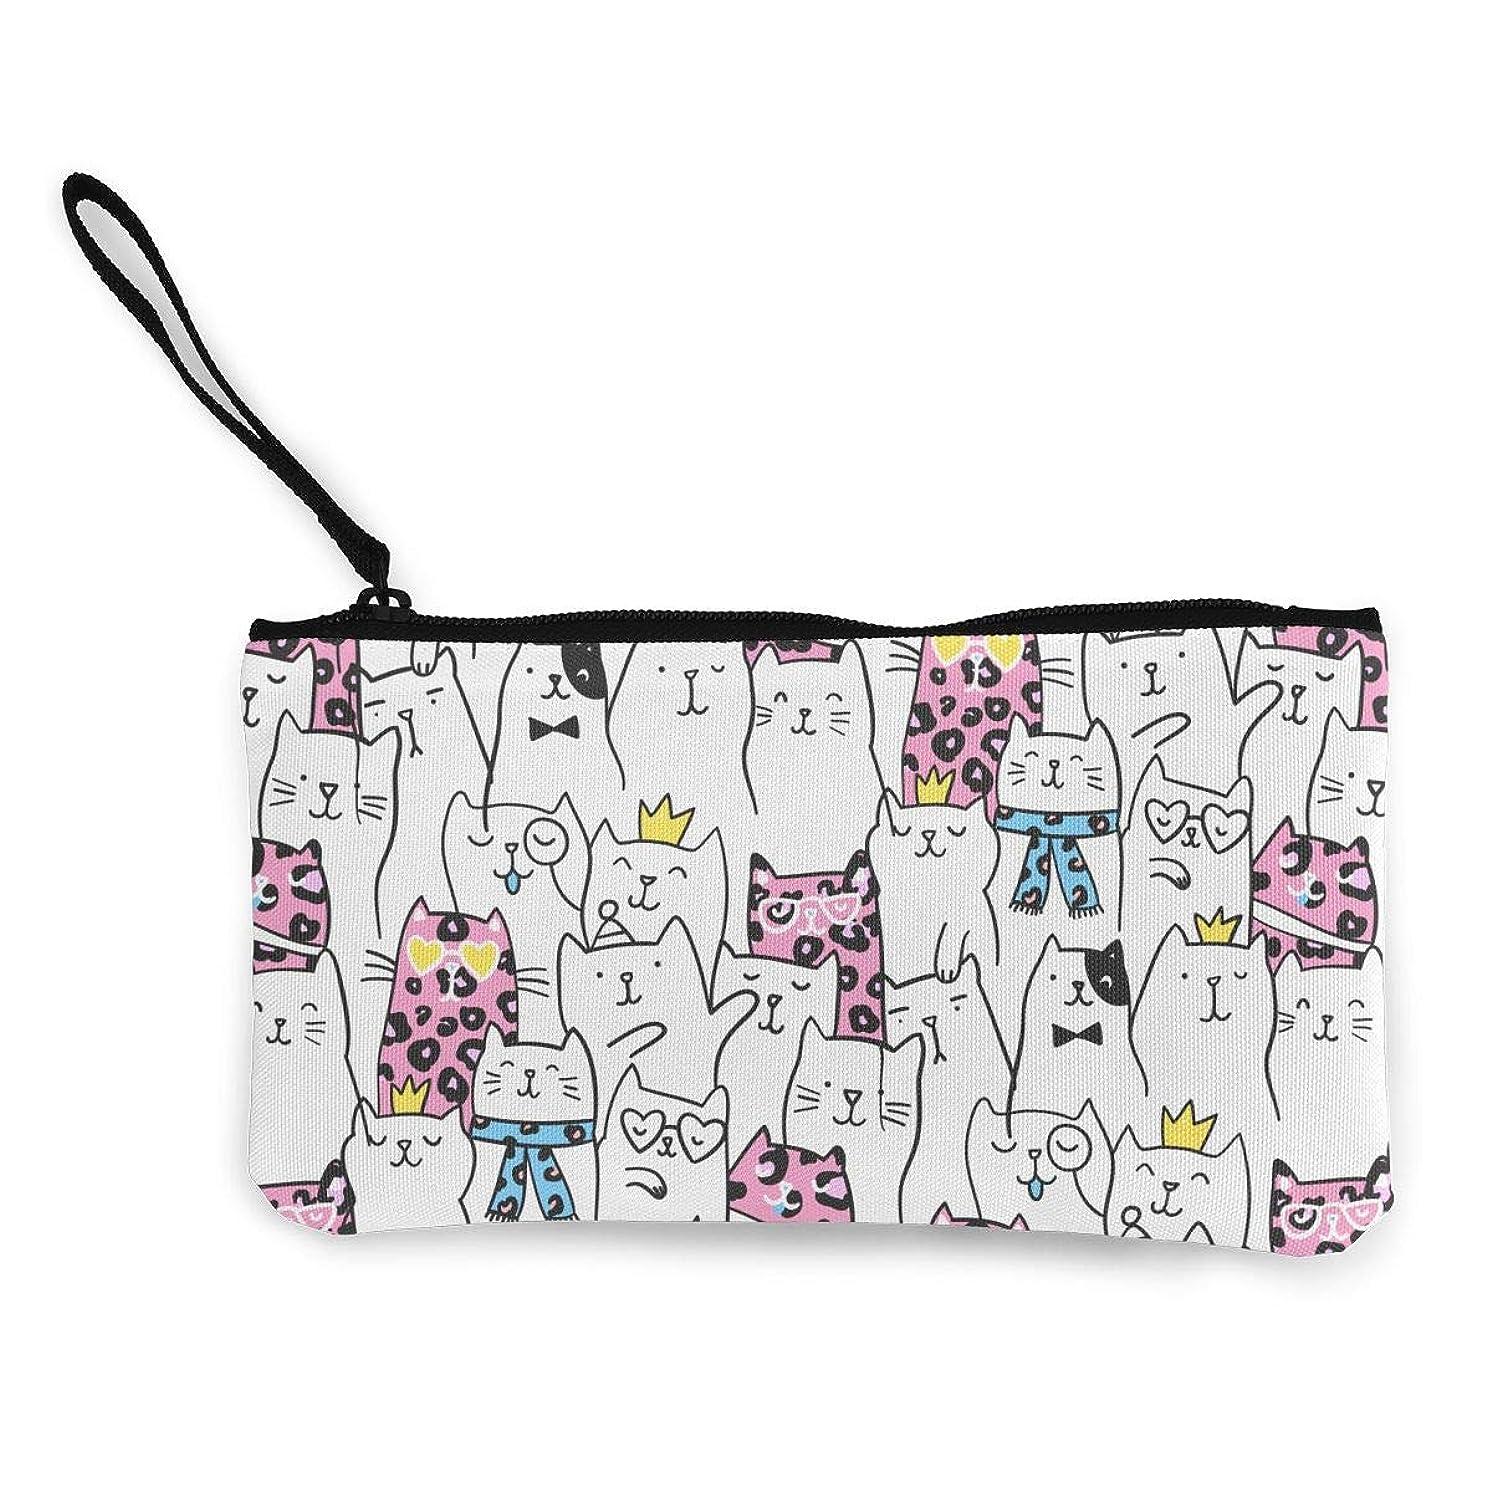 舞い上がる悪化する阻害するErmiCo レディース 小銭入れ キャンバス財布 可愛い猫パタン 小遣い財布 財布 鍵 小物 充電器 収納 長財布 ファスナー付き 22×12cm